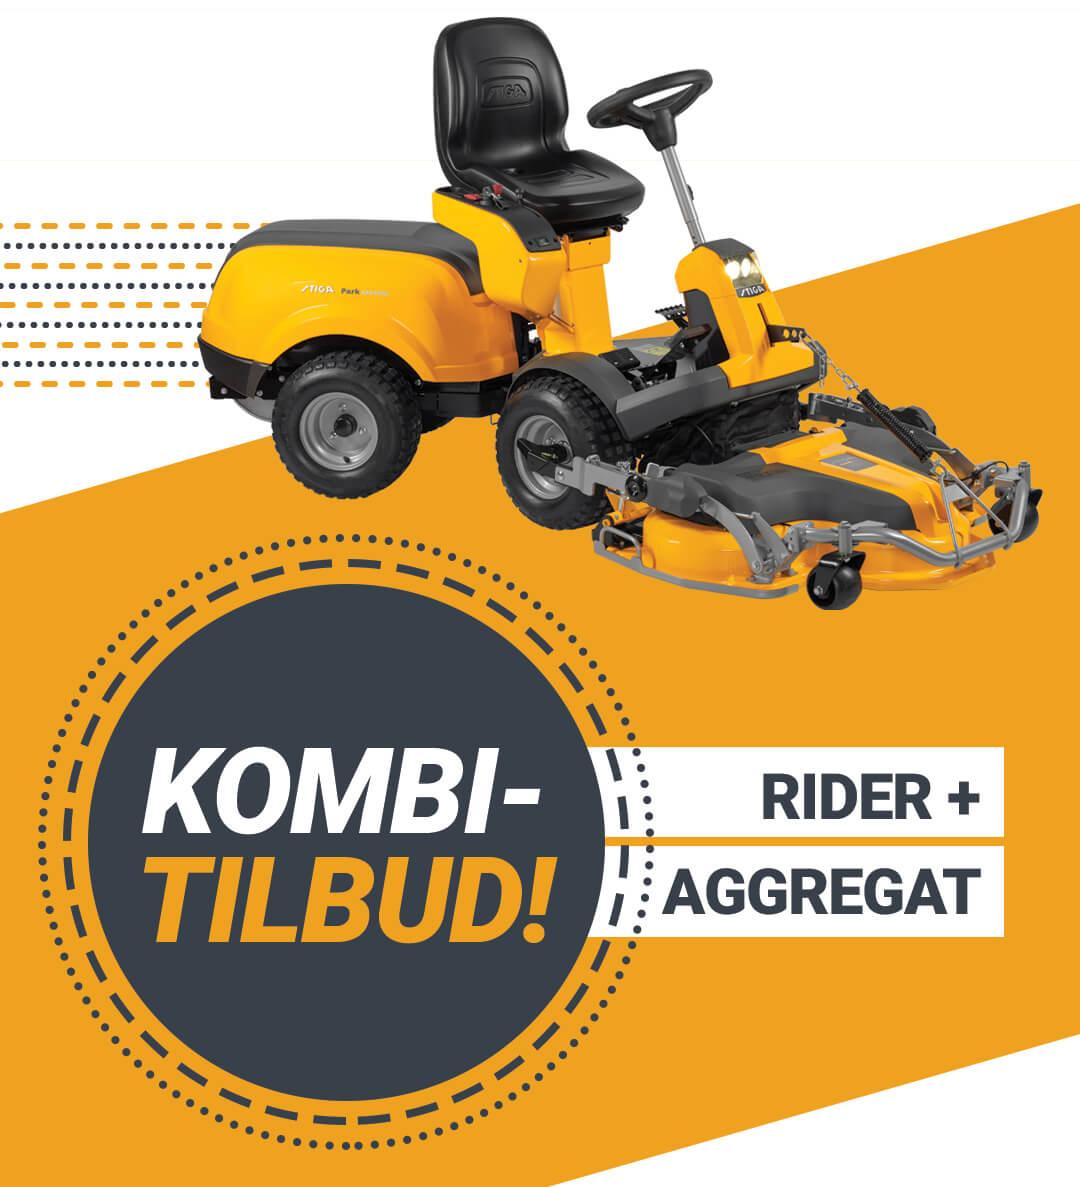 Kombi-Tilbud!